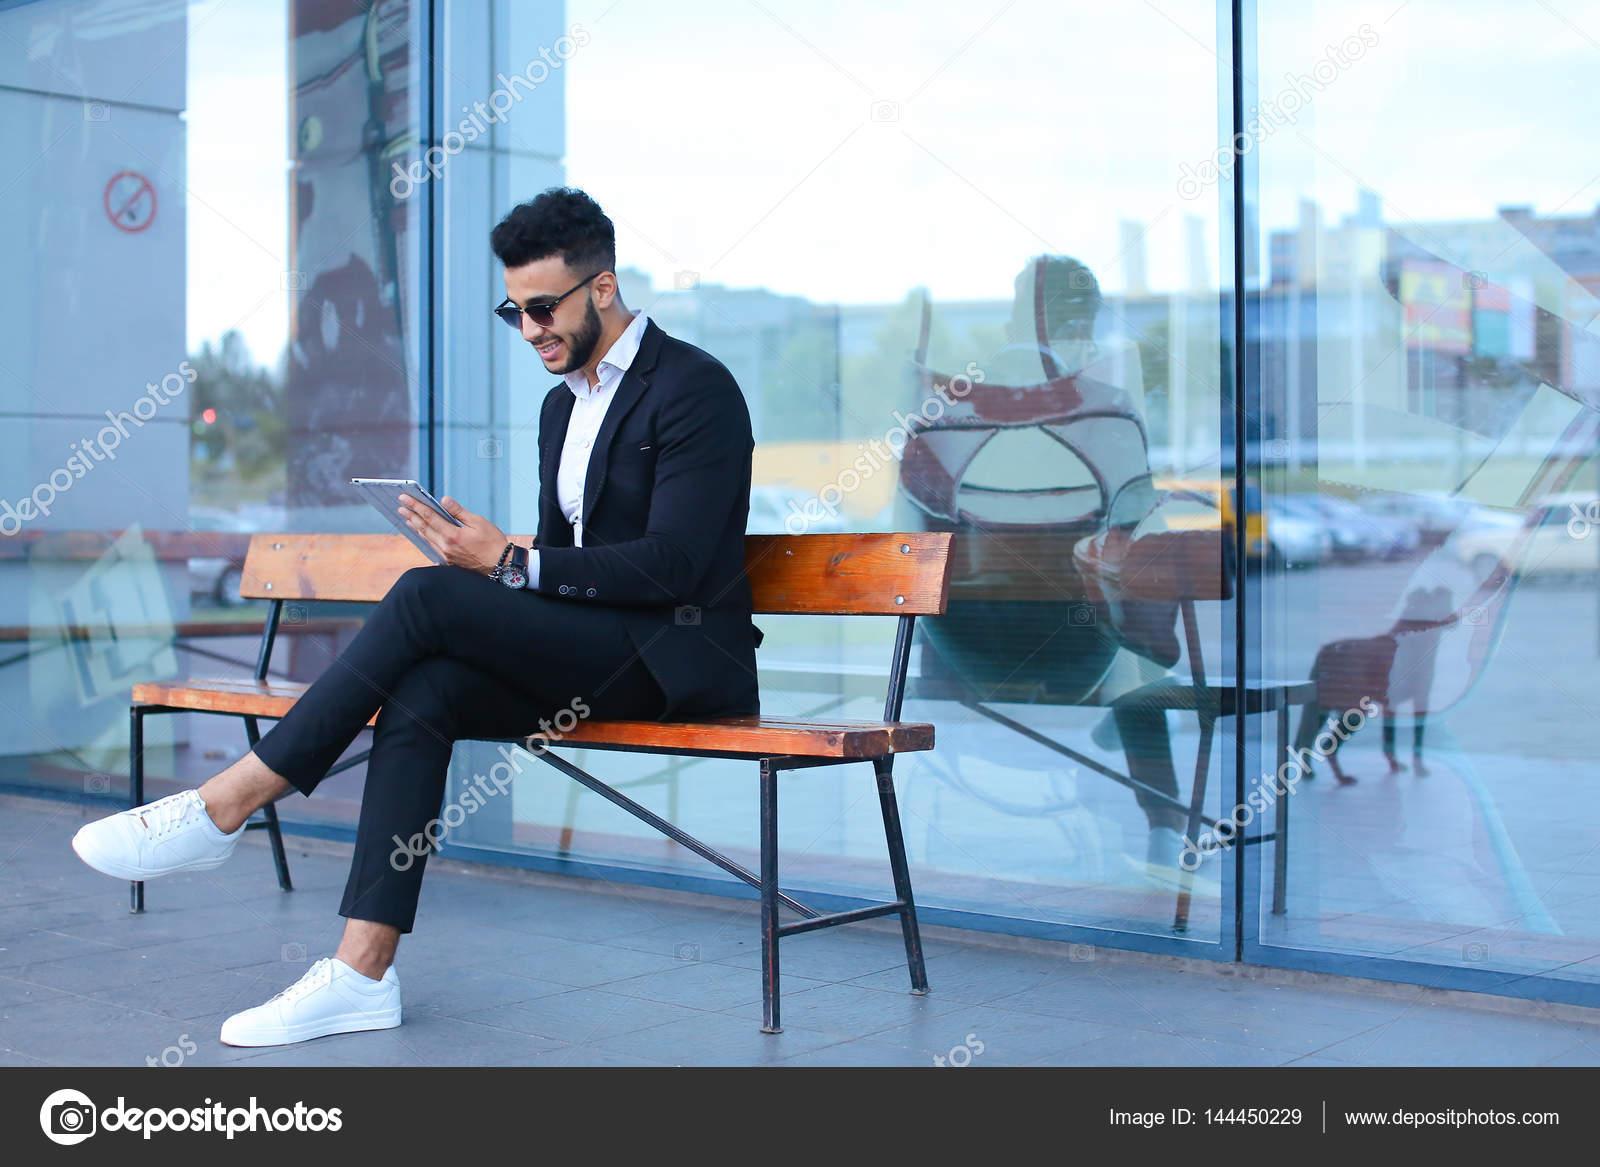 Підприємець посміхаючись людина ставить планшетний ПК використовує сонцезахисні  окуляри і дивиться на. Красивий Молодий підприємець Арабські мусульман в ... b8c9f77571ca4